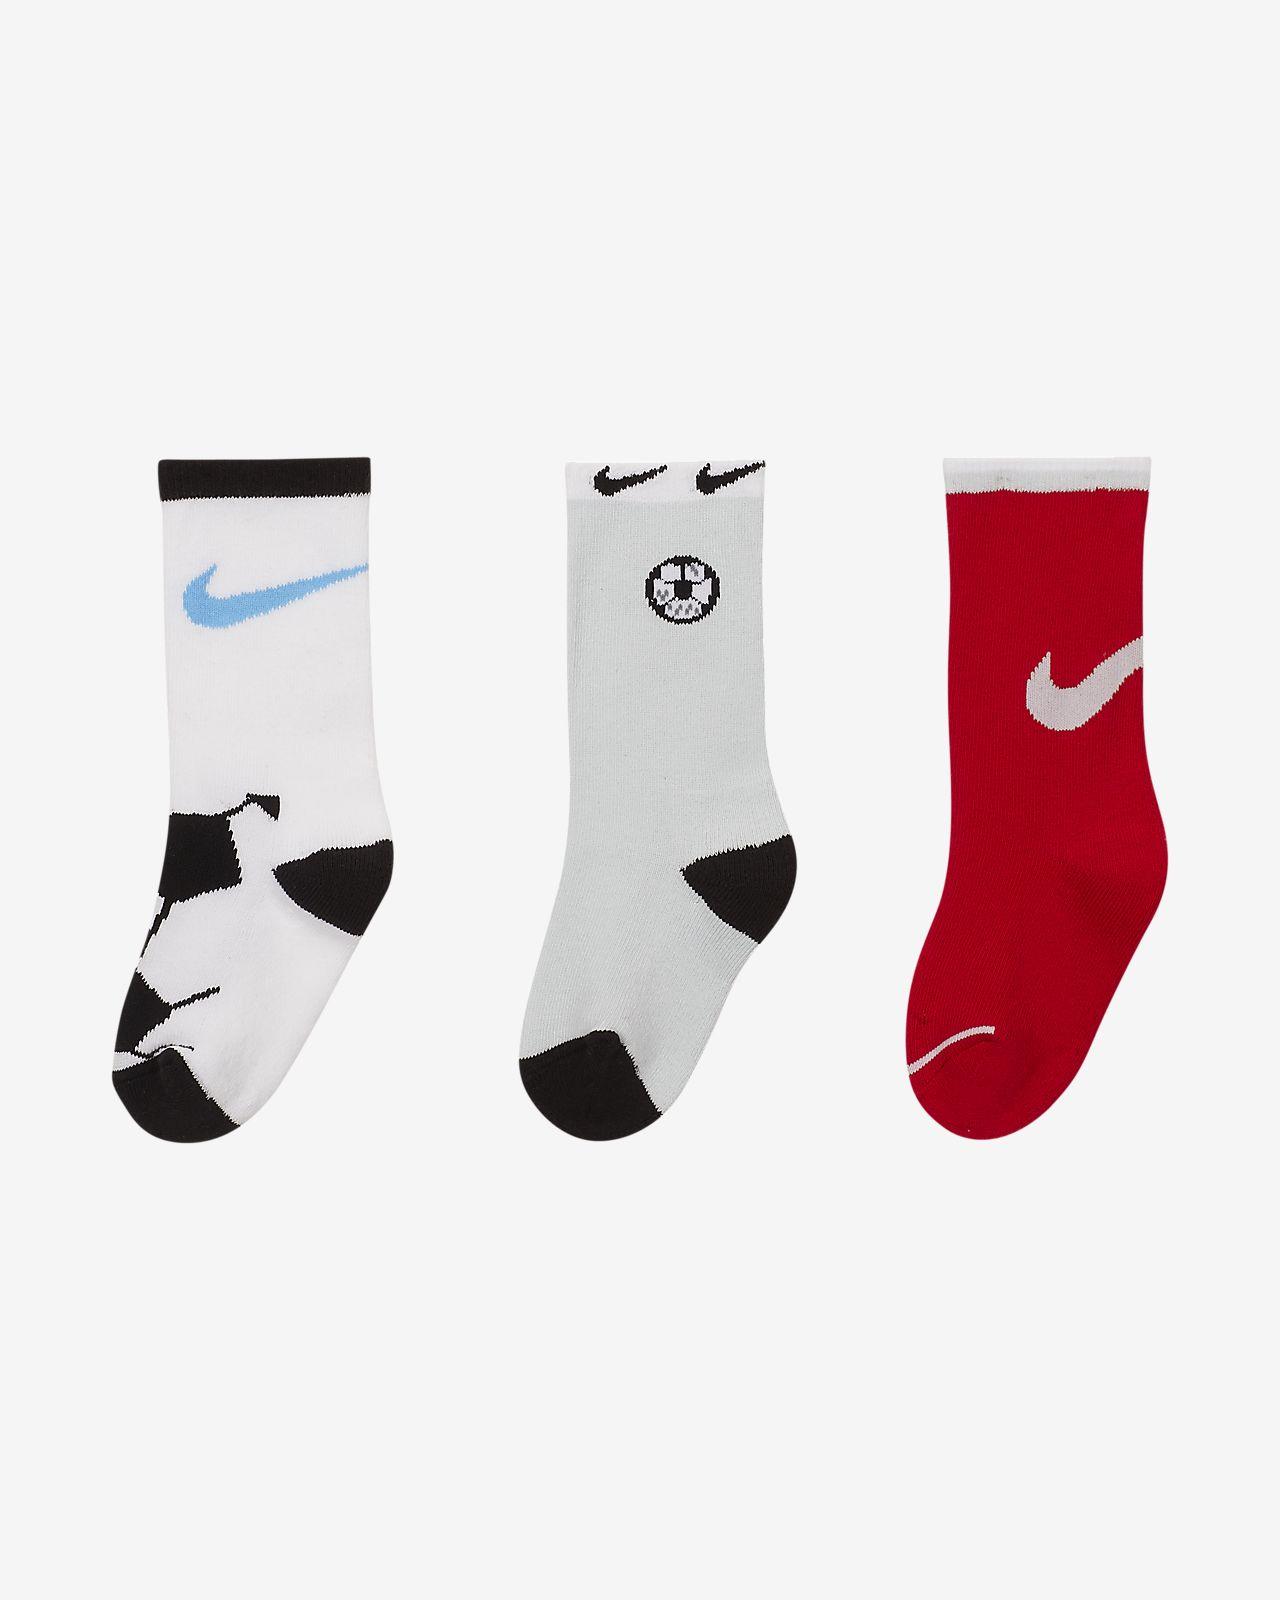 Nike Little Kids' Cushioned Crew Socks (3-Pack)